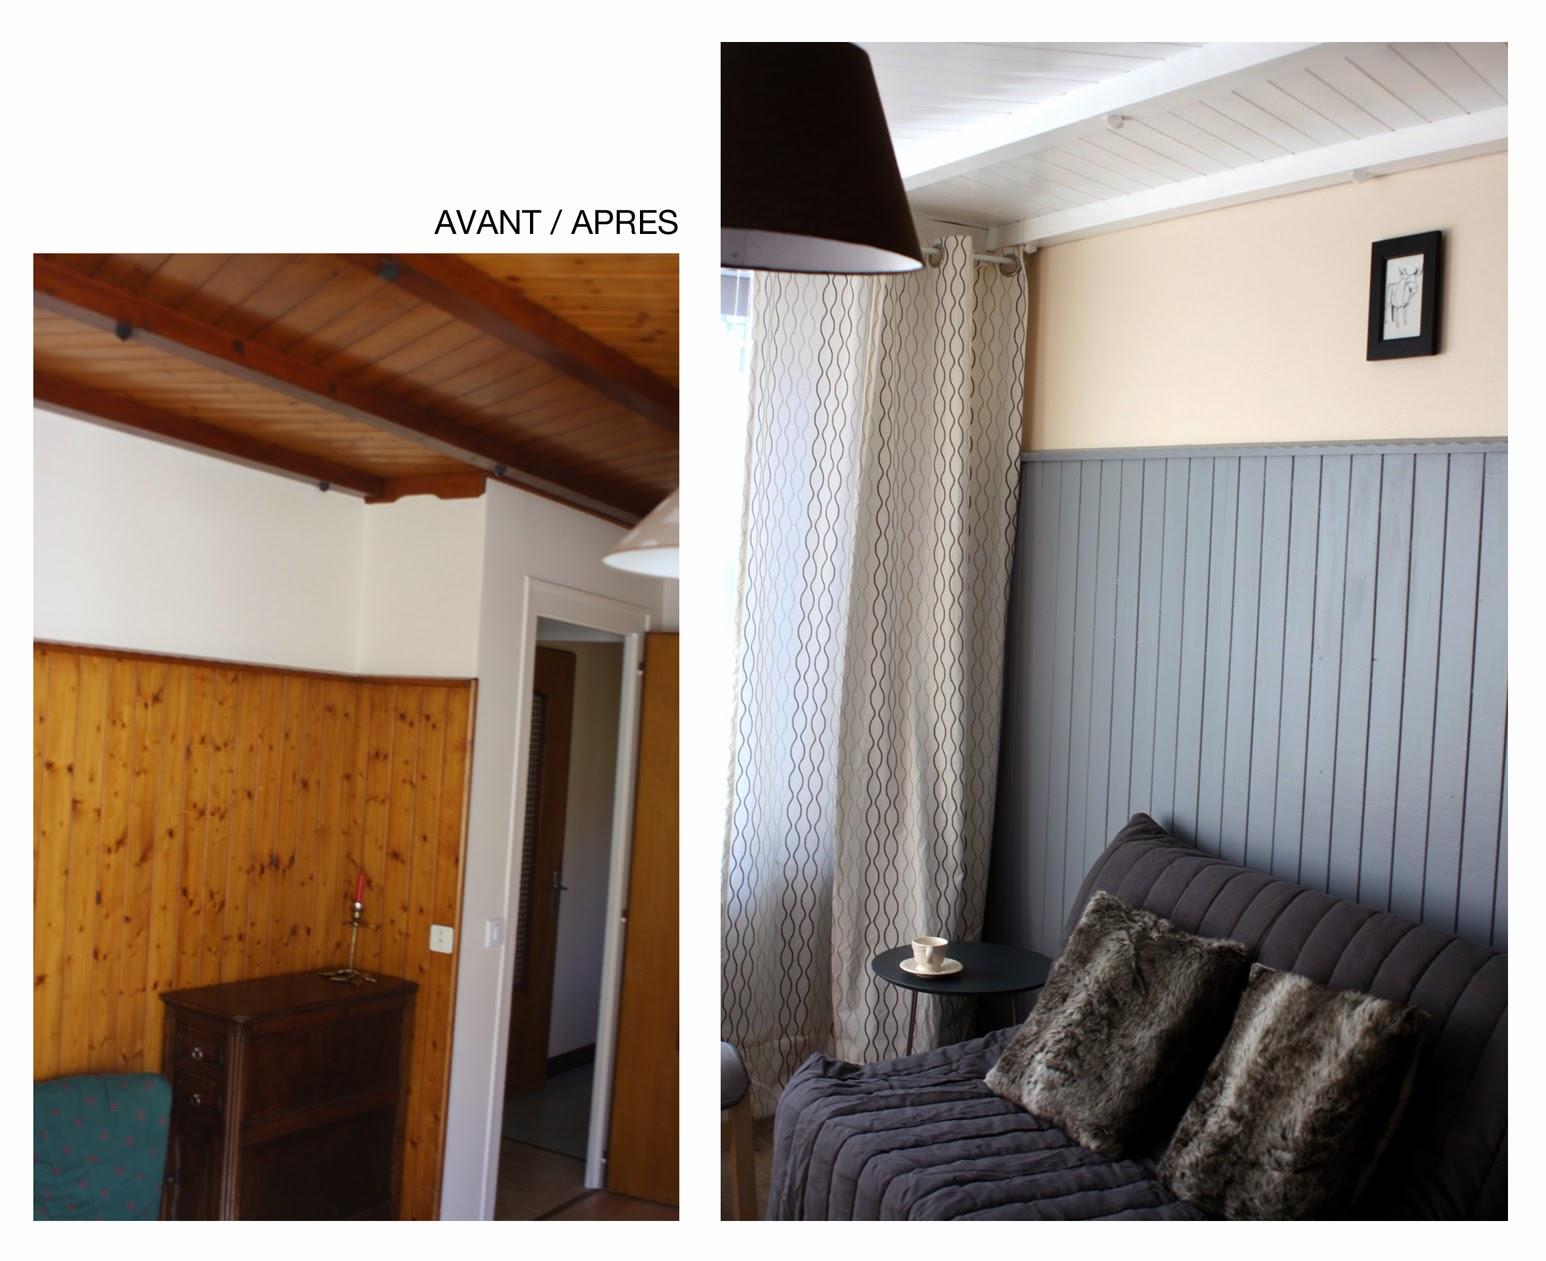 tahome home staging. Black Bedroom Furniture Sets. Home Design Ideas